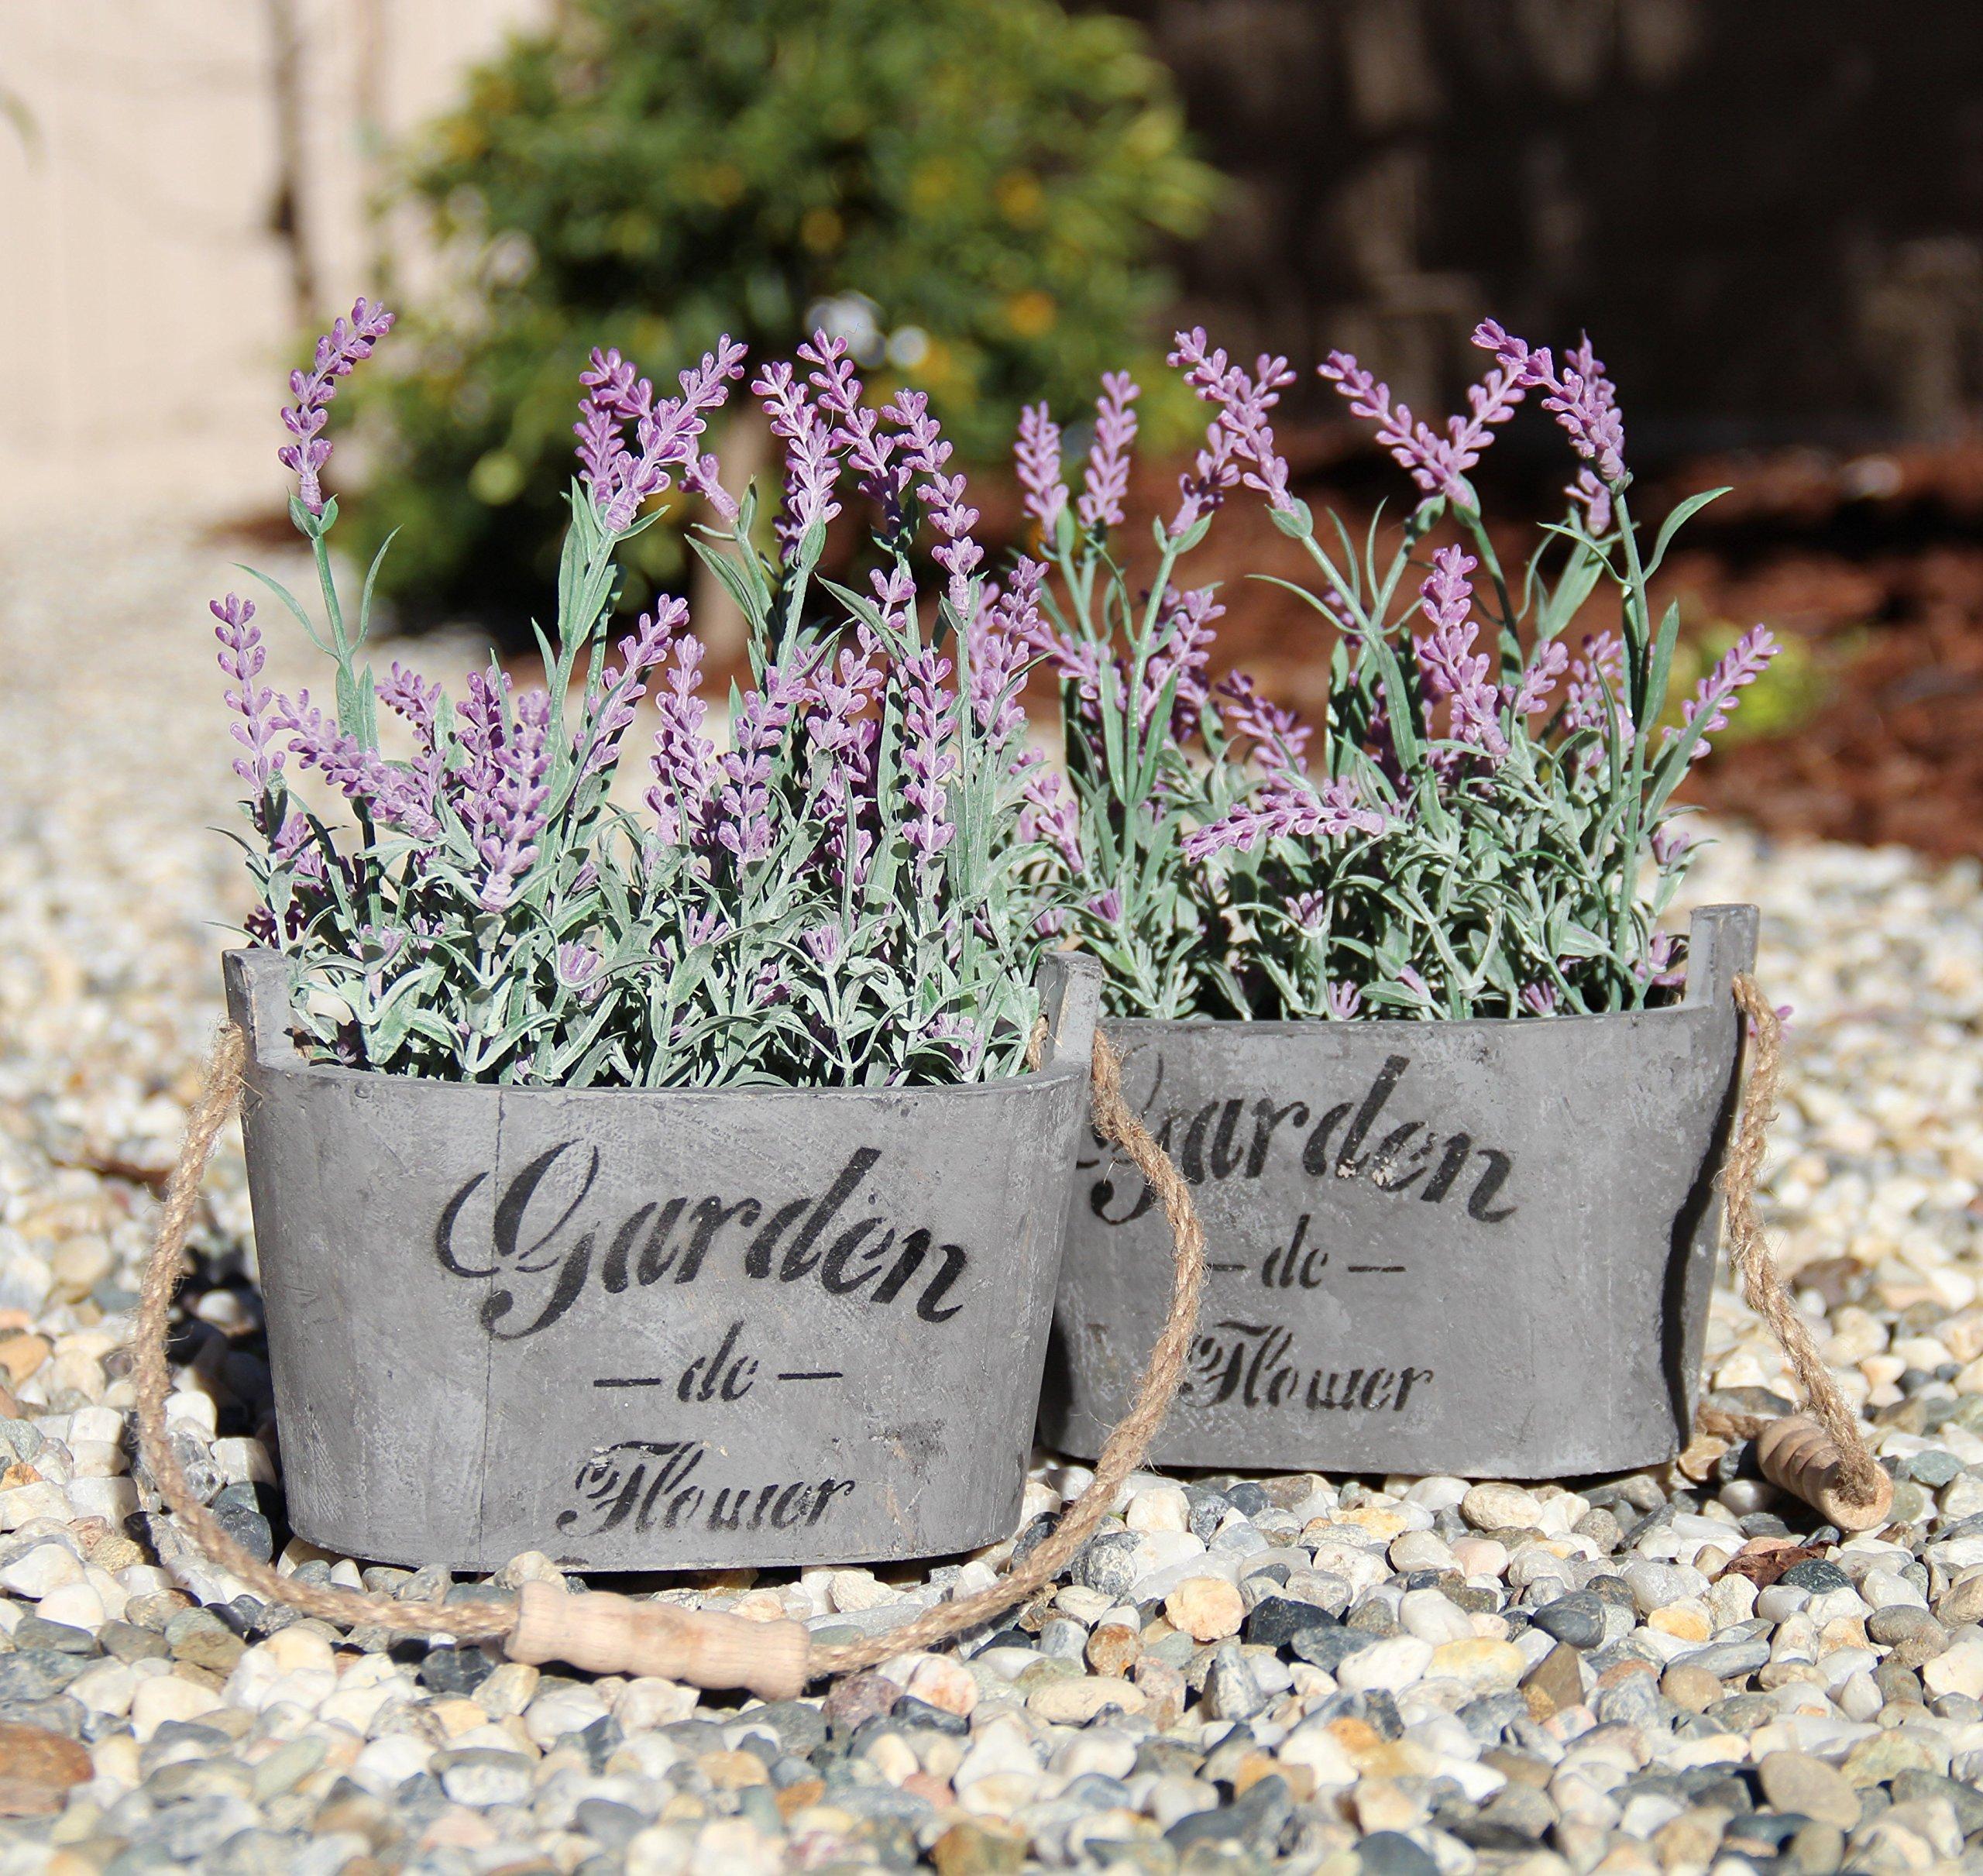 Heart To HeartButterfly Craze Purple Silk Floral Arrangements Faux Lavender Flower Plant Home Office Décor 2 Pc Set – with Grey Vases